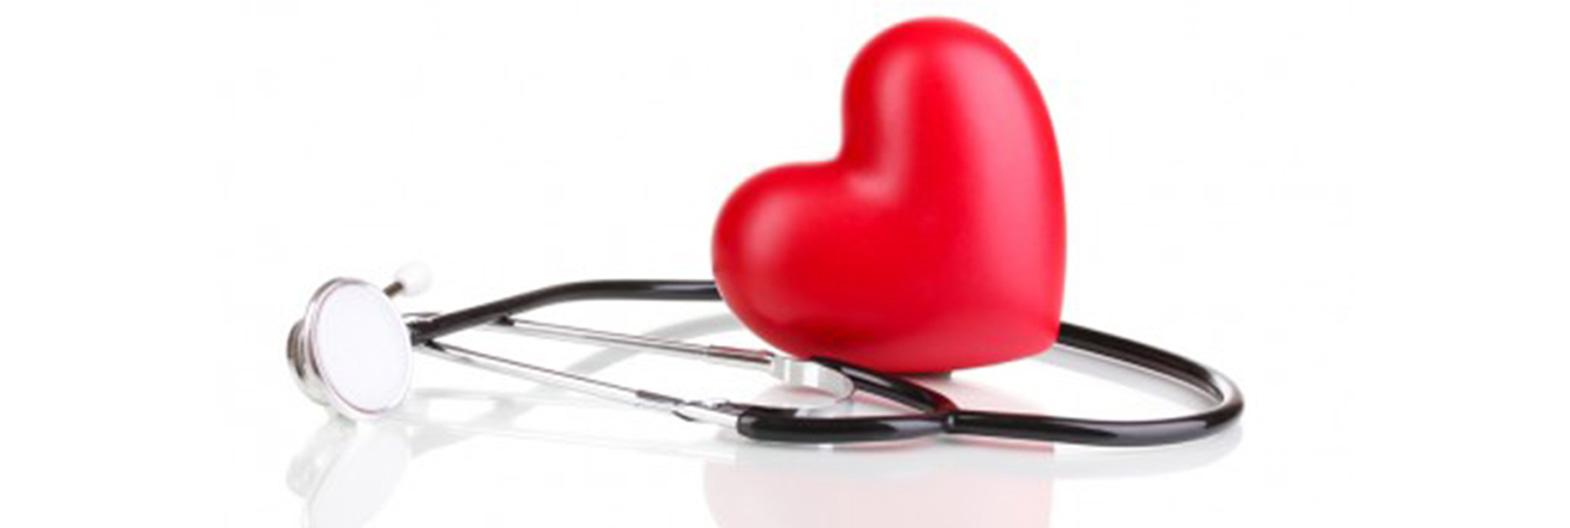 hipertenzija ir hipertenzija kas tai yra